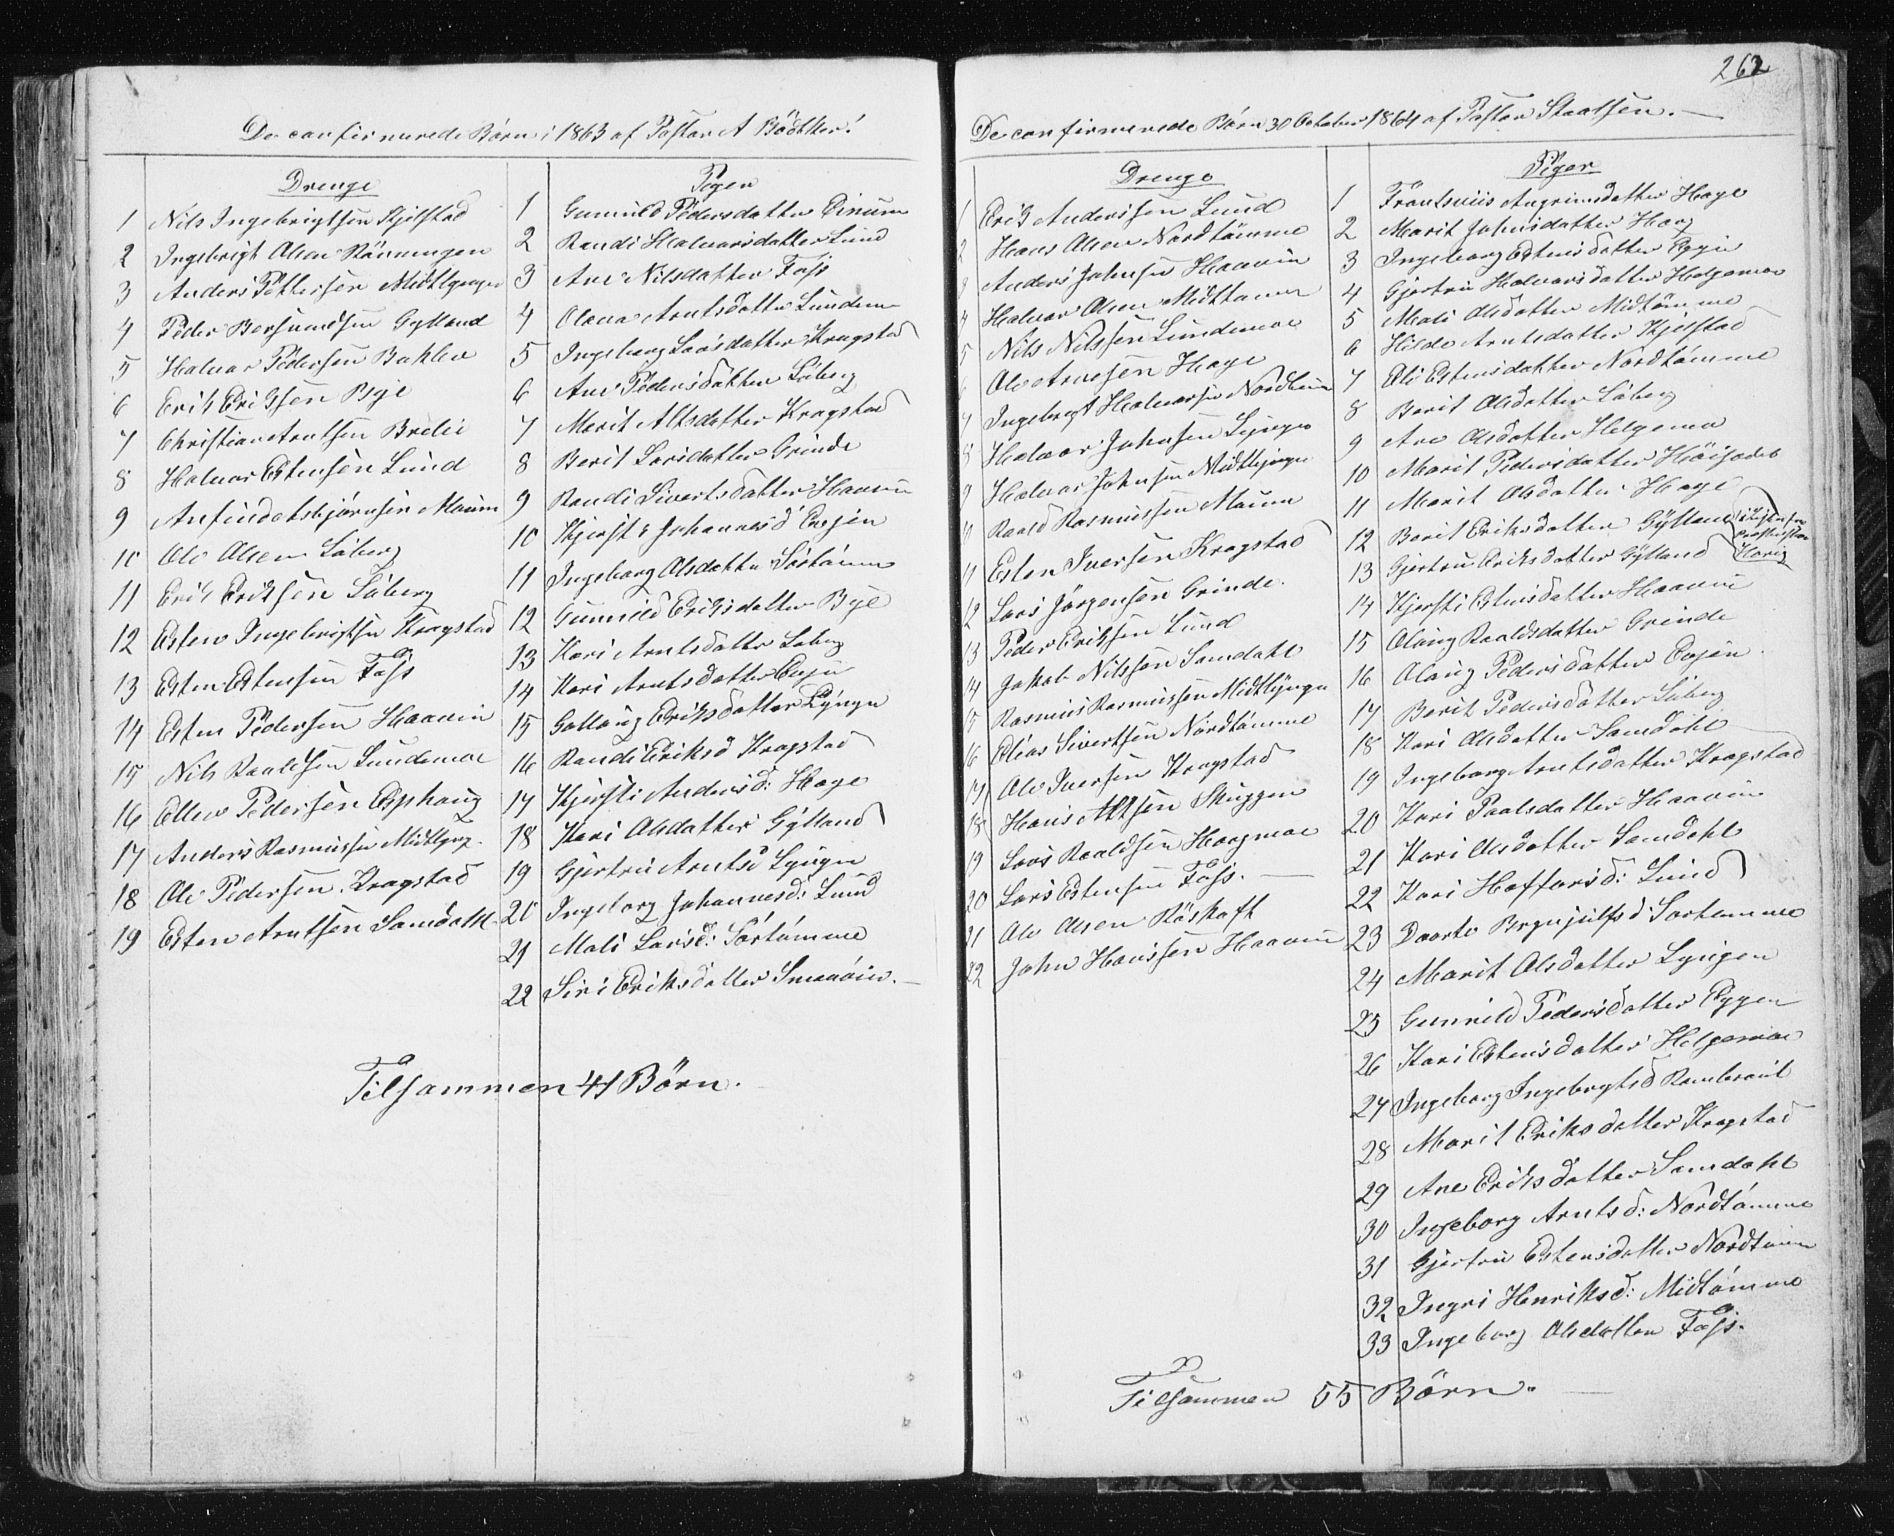 SAT, Ministerialprotokoller, klokkerbøker og fødselsregistre - Sør-Trøndelag, 692/L1110: Klokkerbok nr. 692C05, 1849-1889, s. 262